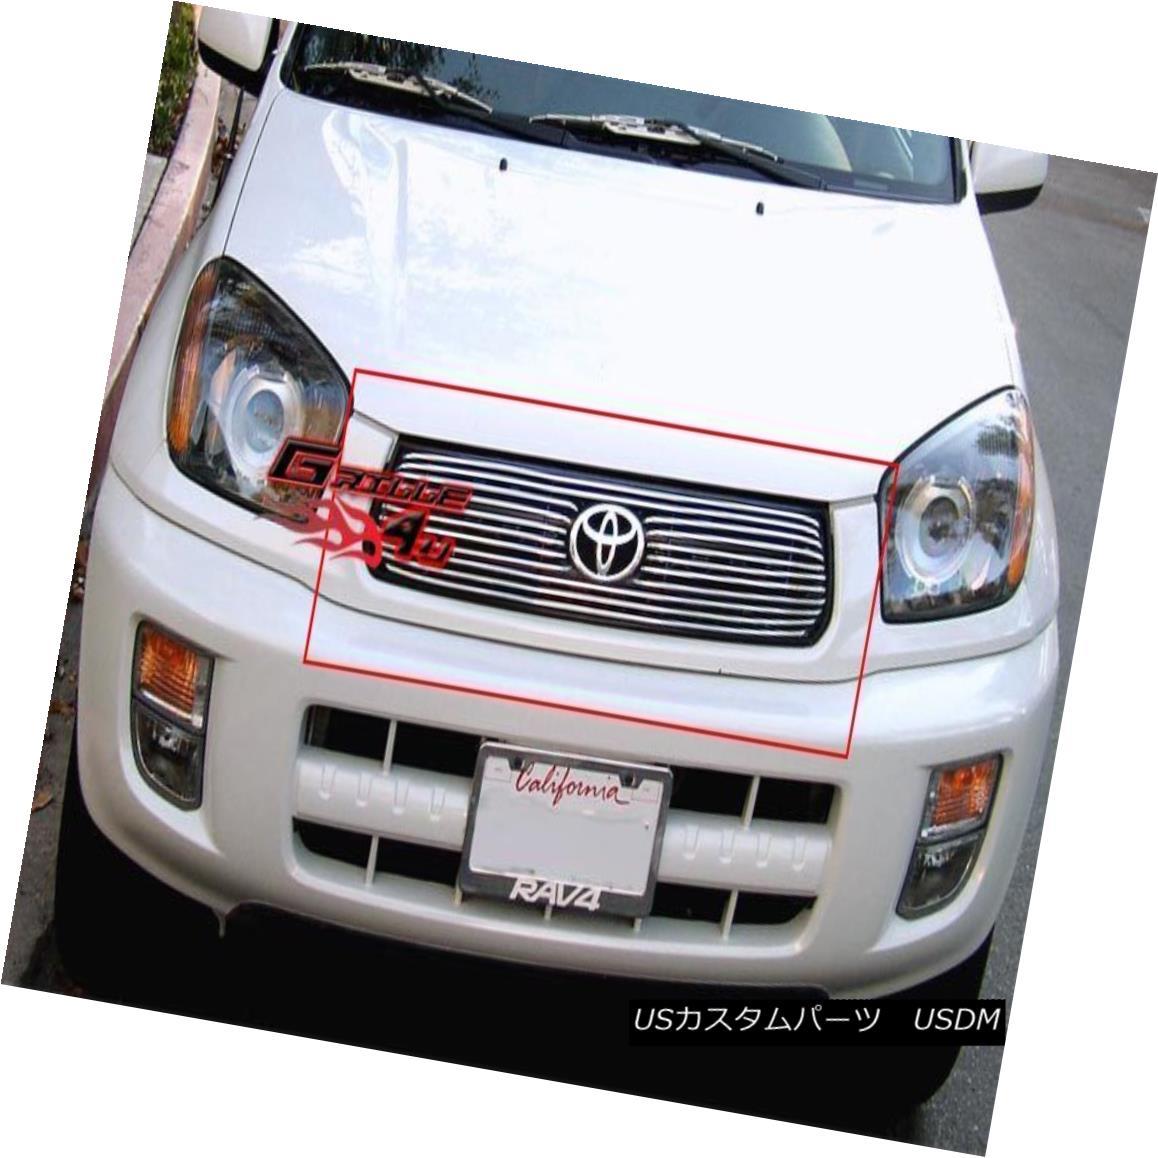 グリル Fits 2001-2003 Toyota RAV4 Main Upper Billet Grille Insert 2001-2003トヨタRAV4メインアッパービレットグリルインサートに適合